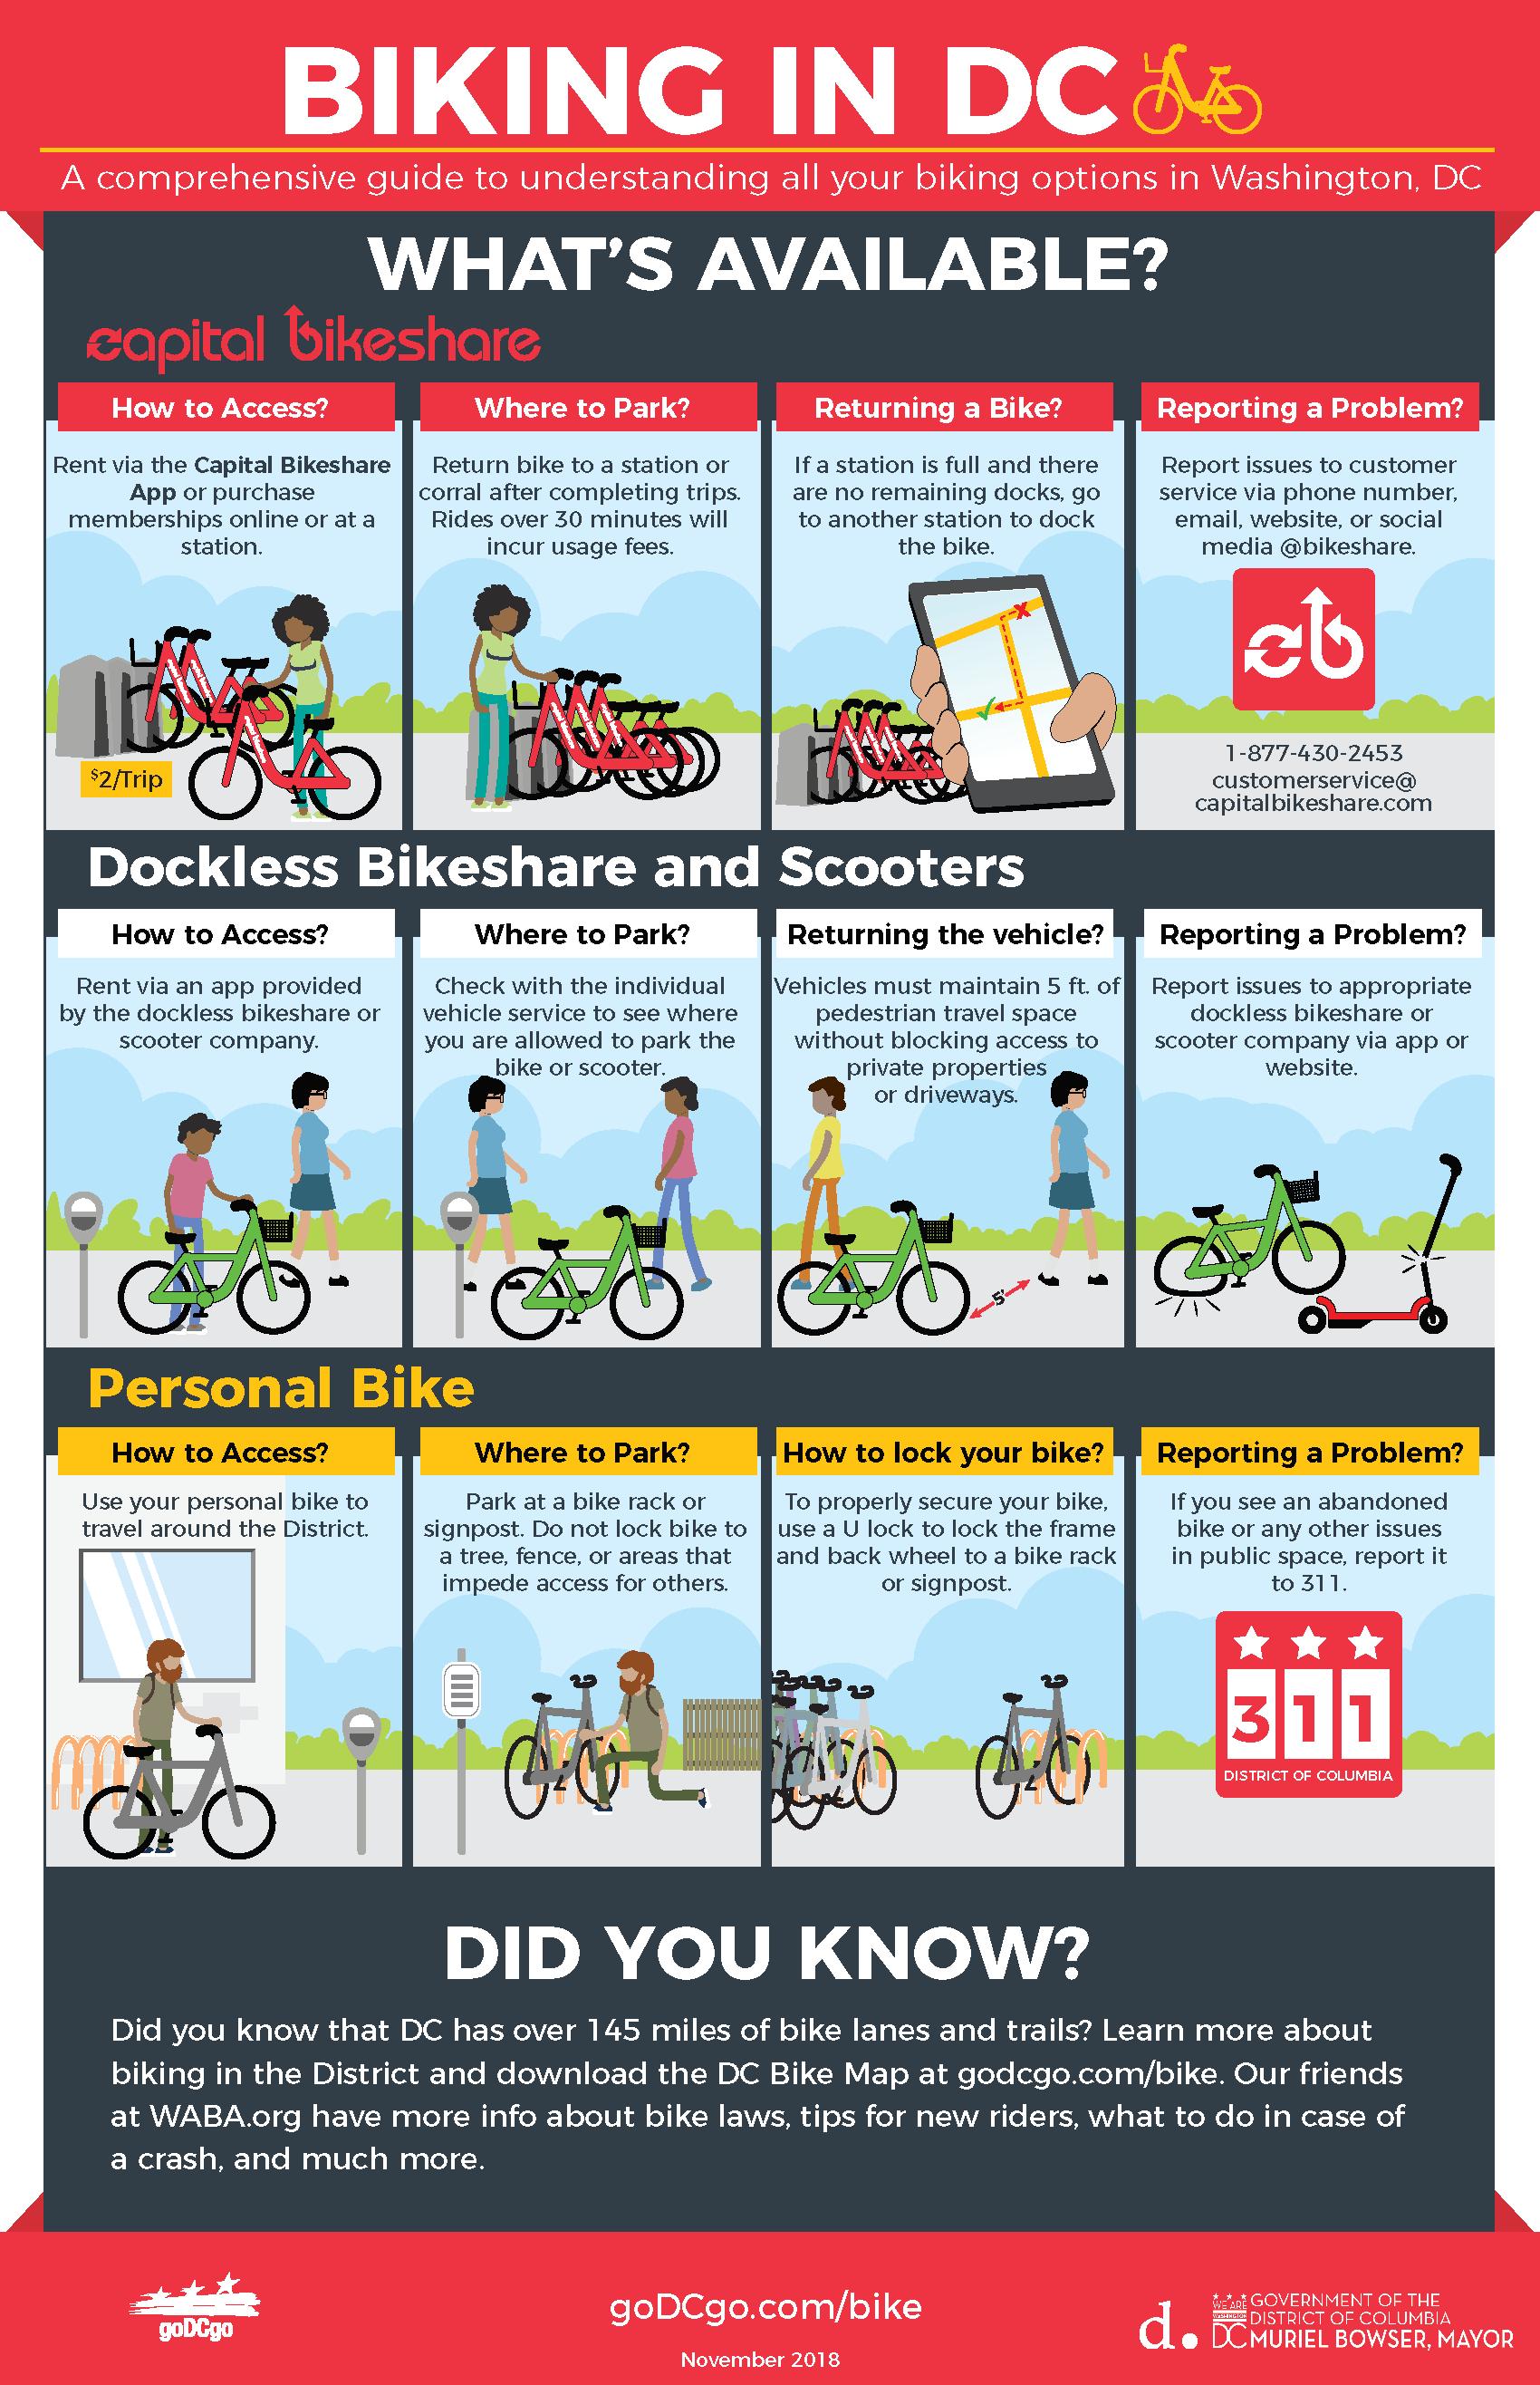 GDG_infographic_bikeshare_web_110518[1]